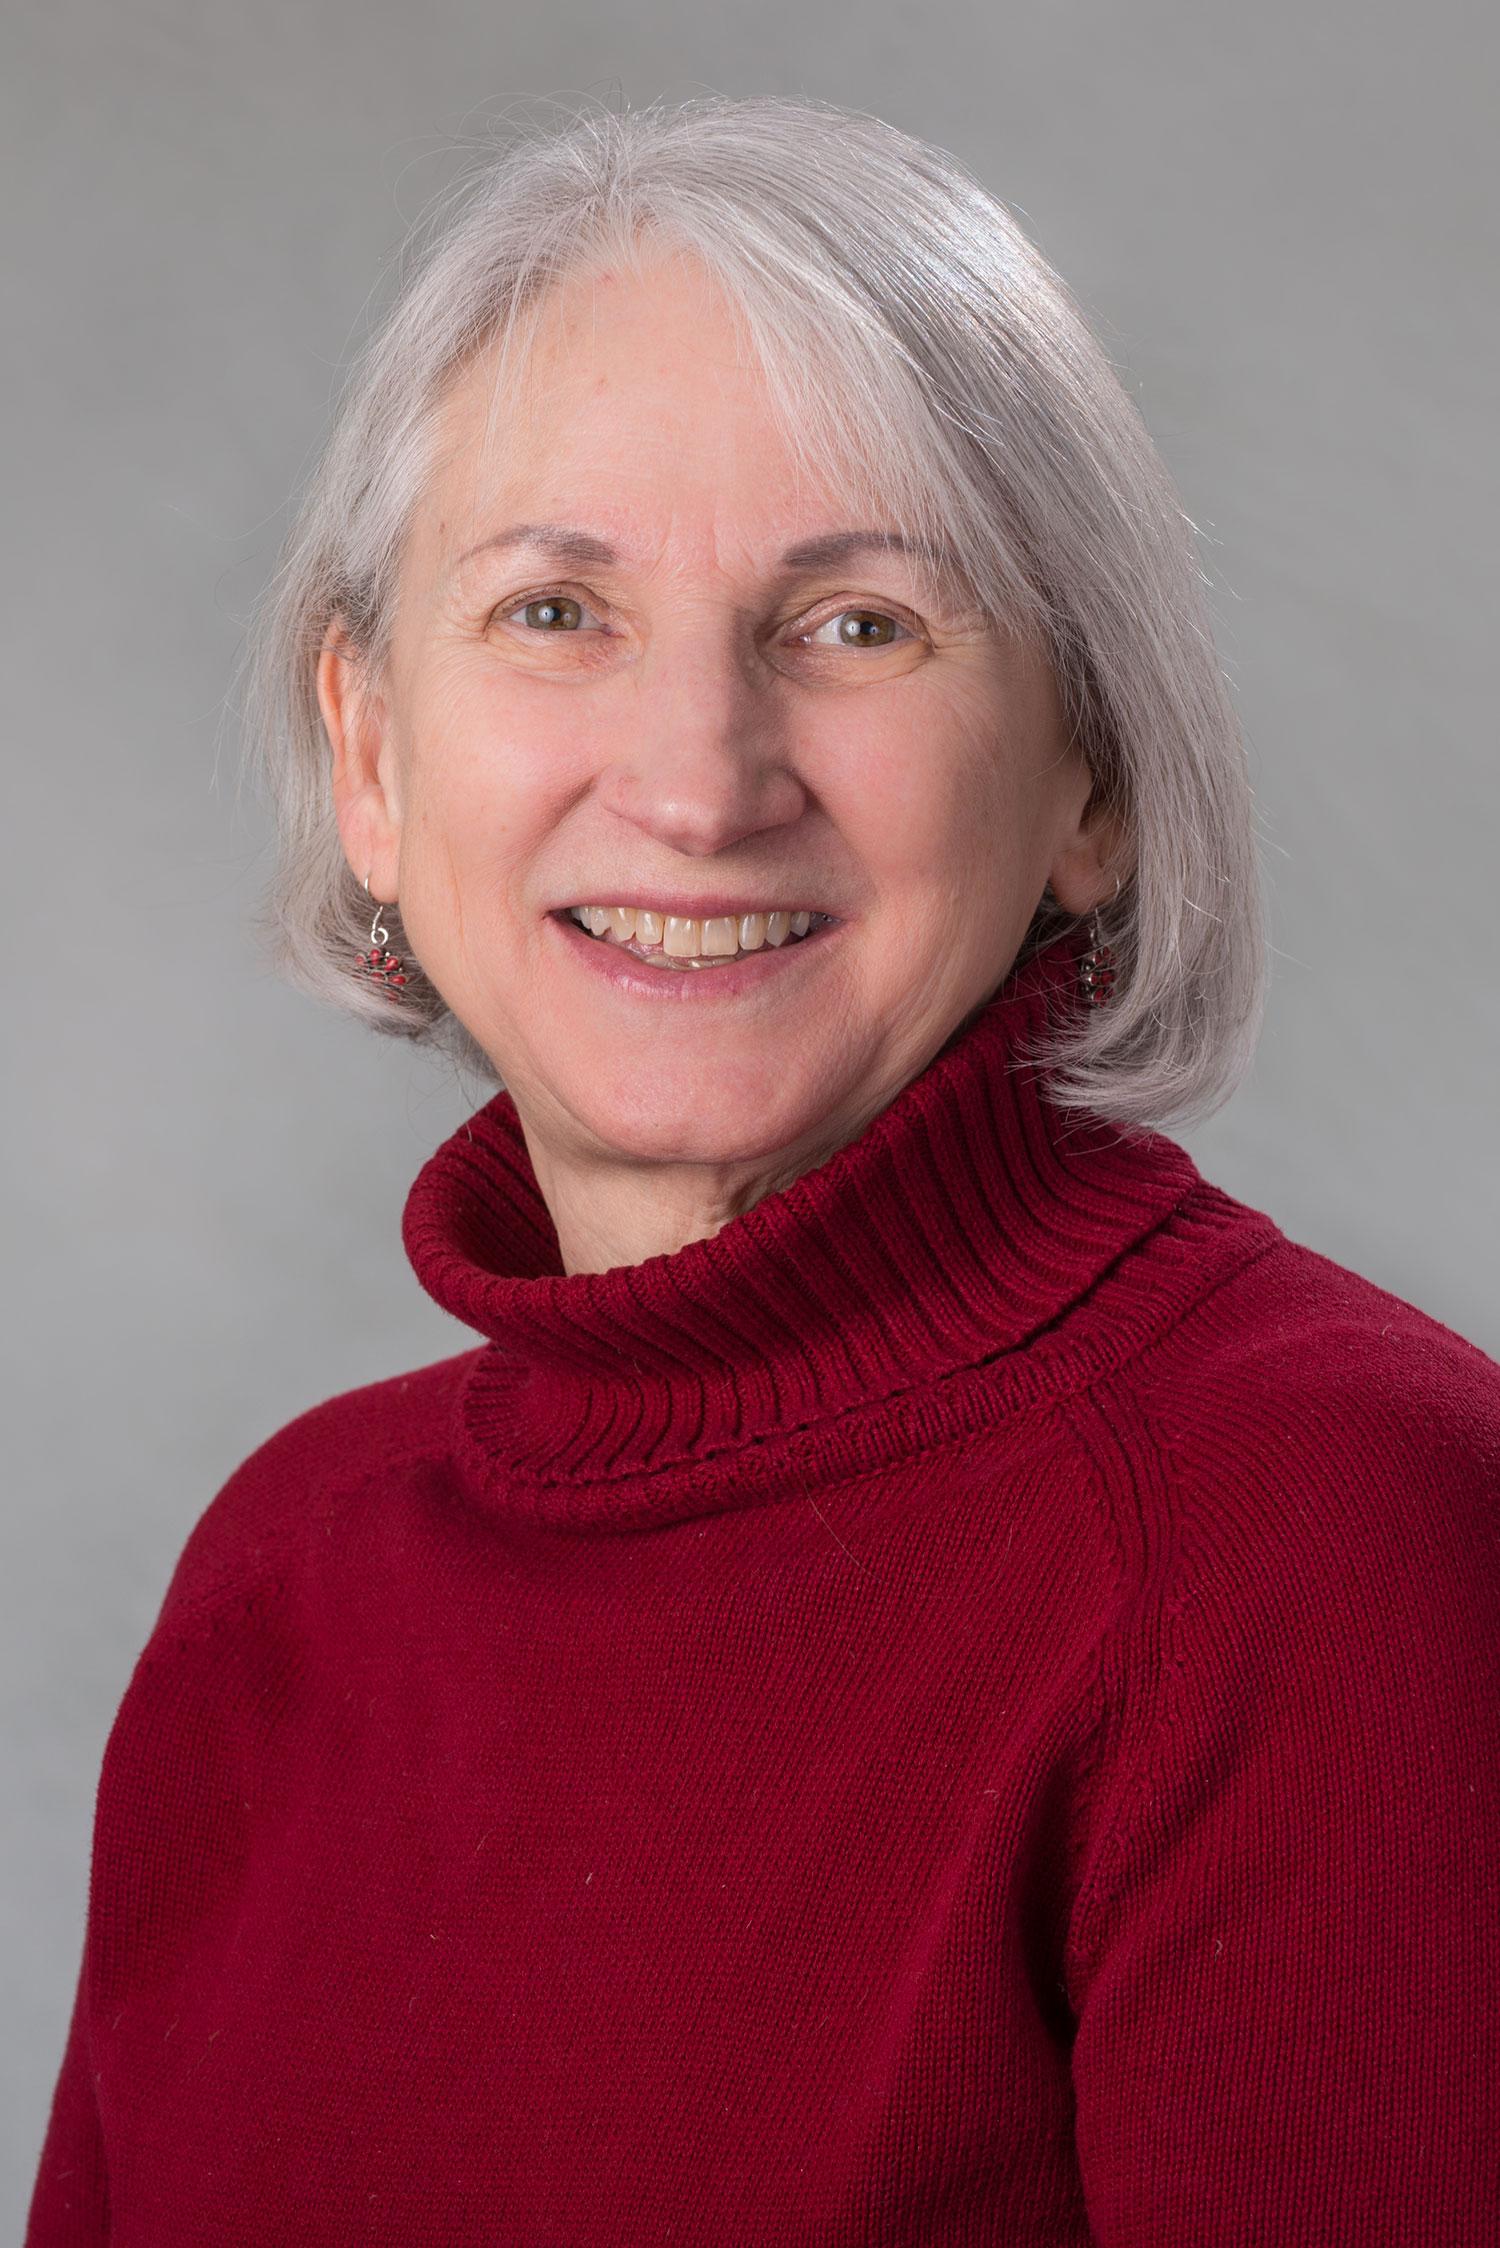 Lynn N. Ragle